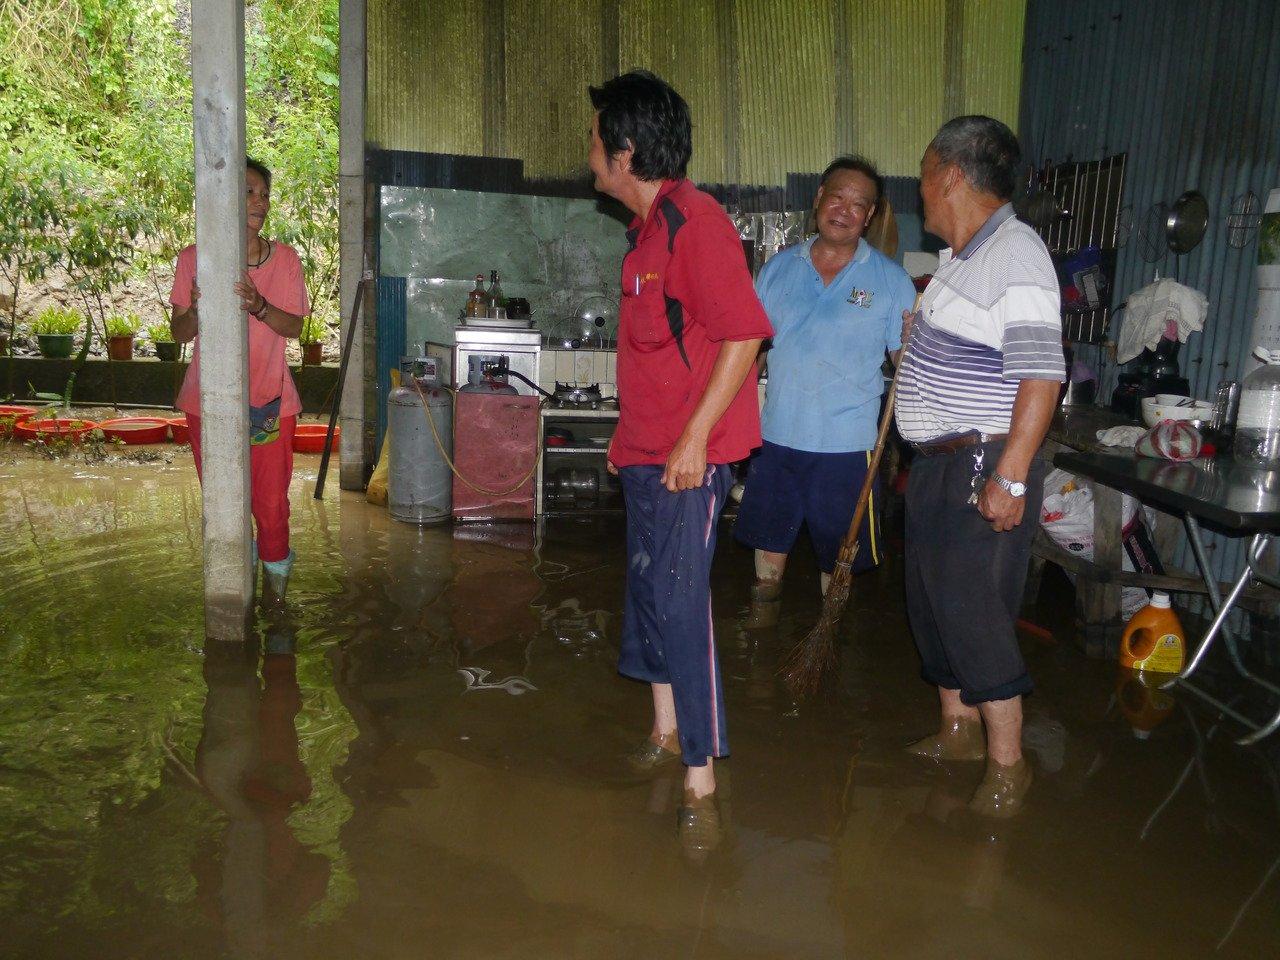 民宅內仍有積水未退,李姓夫婦要暫時撤離家園。記者徐白櫻/攝影